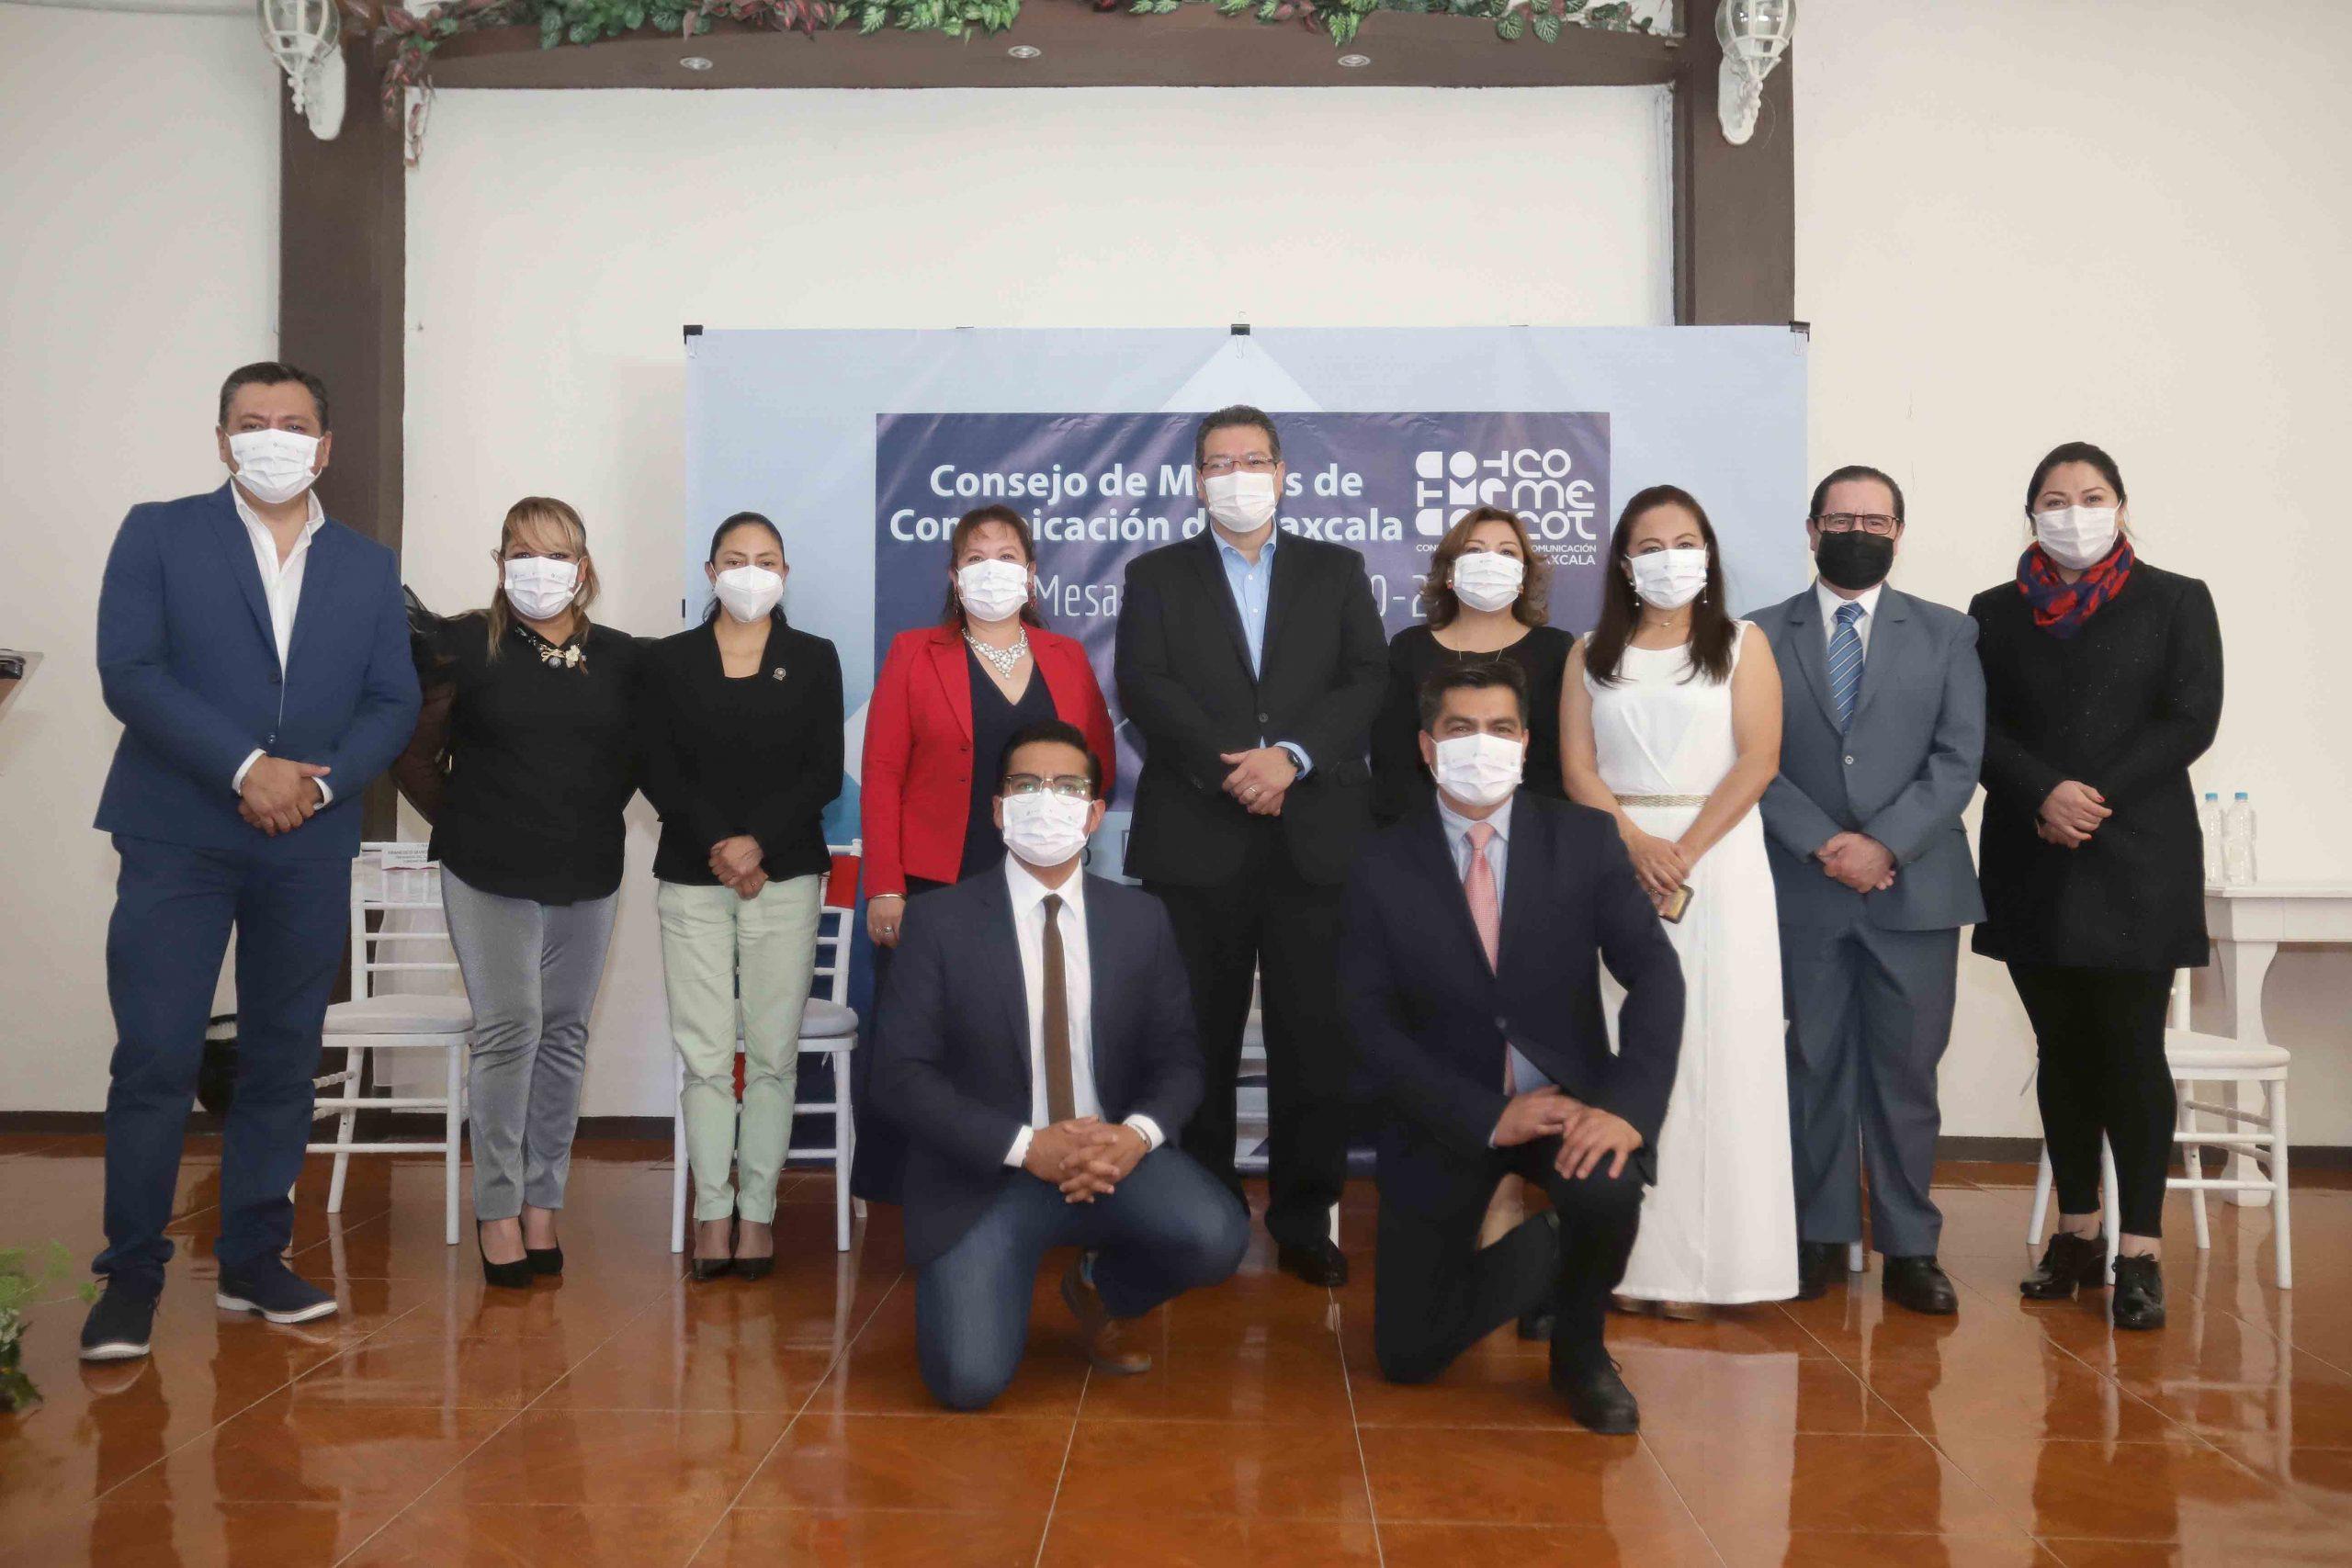 Reconoce Marco Mena trabajo de medios de comunicación en la pandemia.